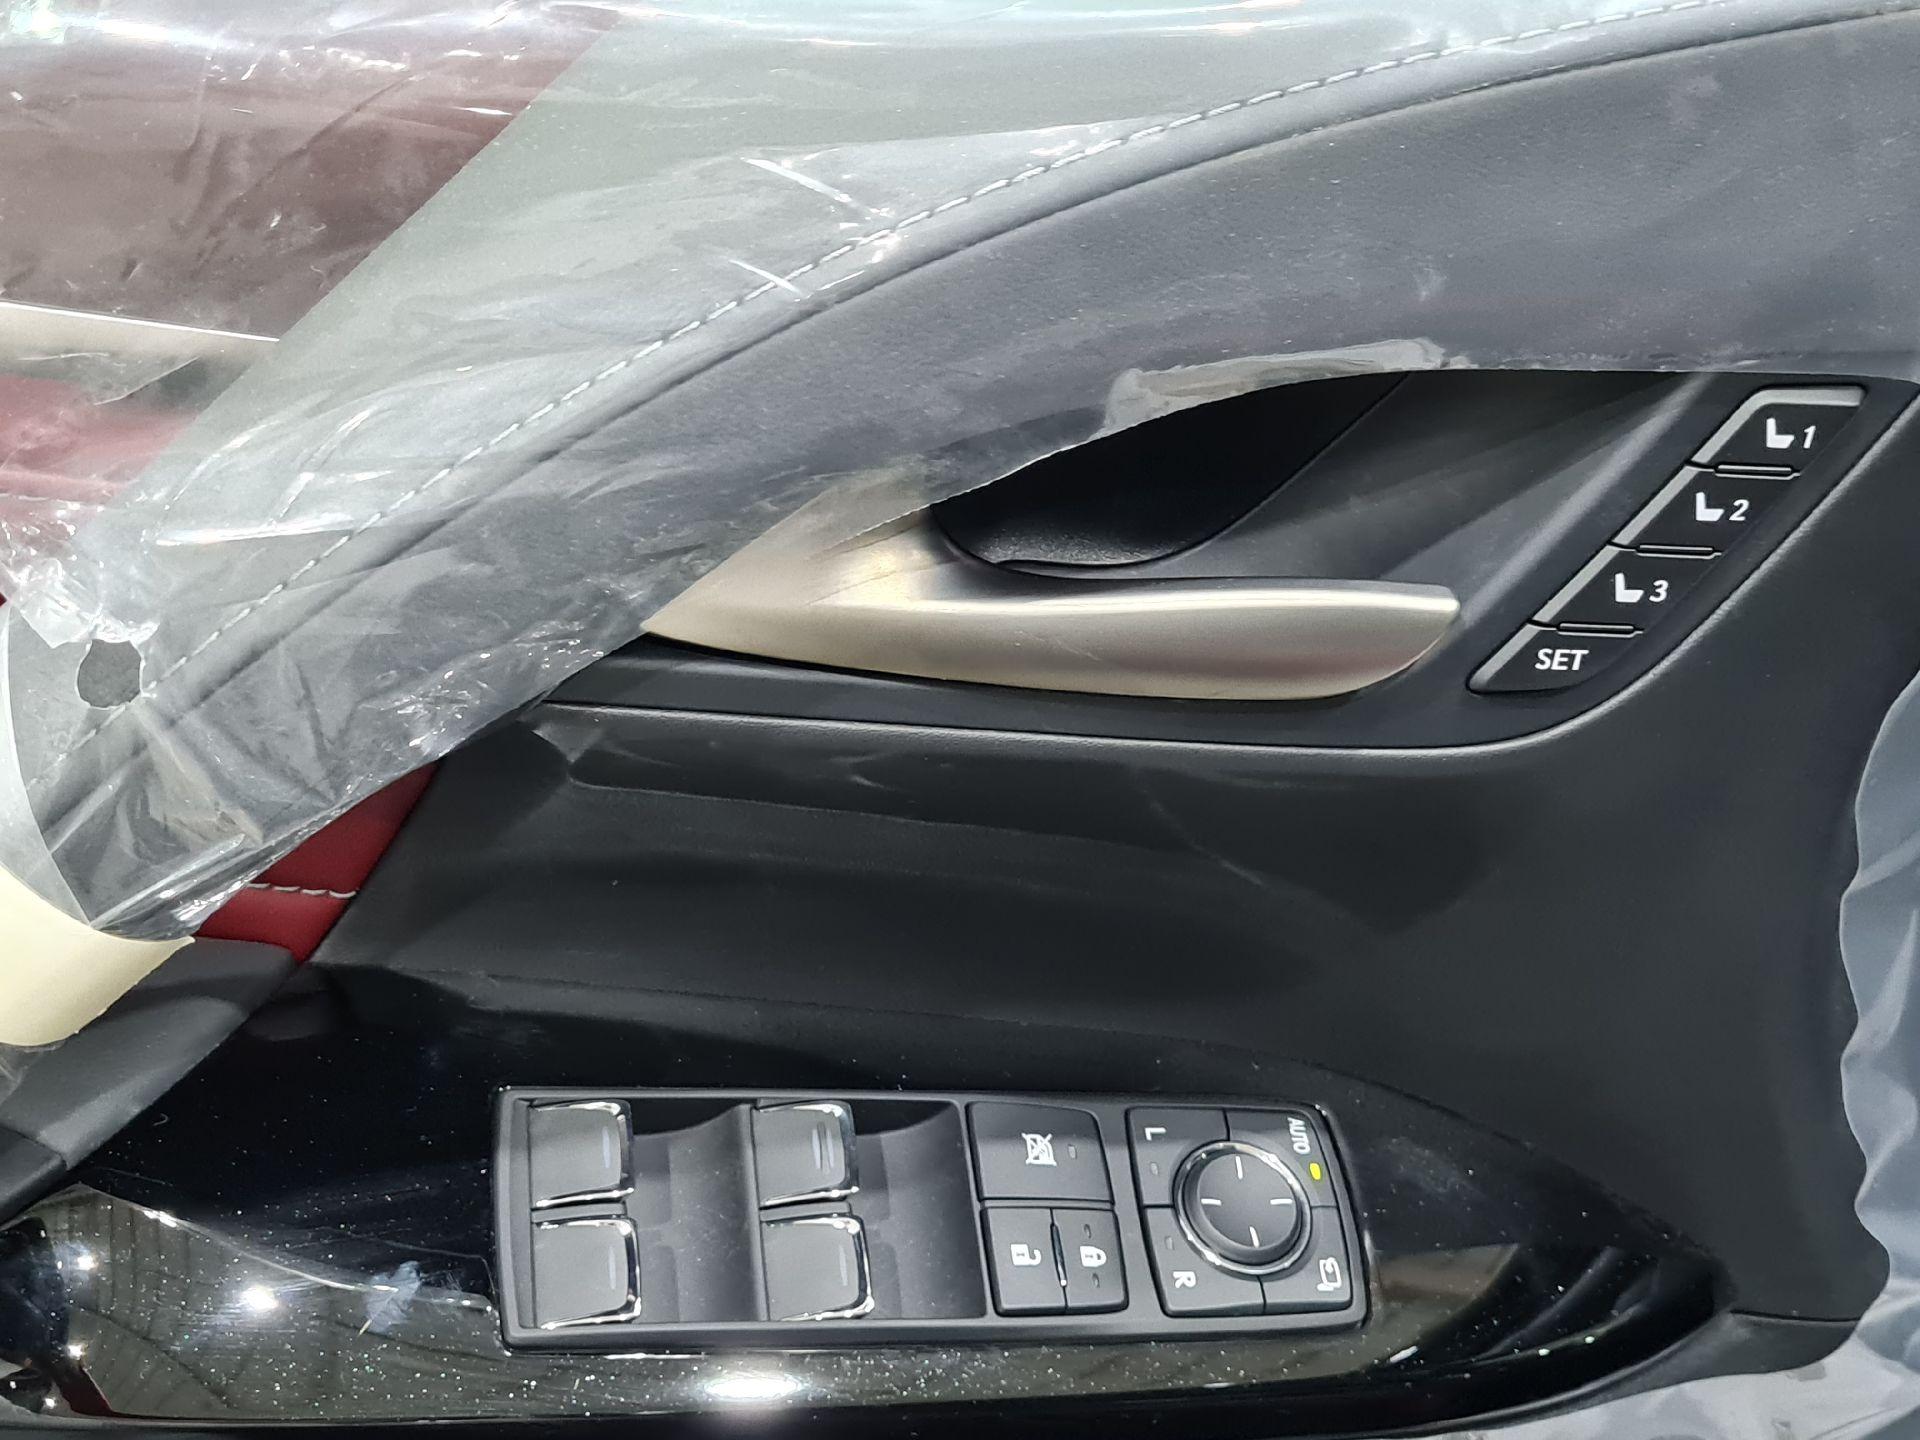 لكزس LX 570 Black Ed.فل 2021 دبل خليجي جديد للبيع في الرياض - السعودية - صورة كبيرة - 8